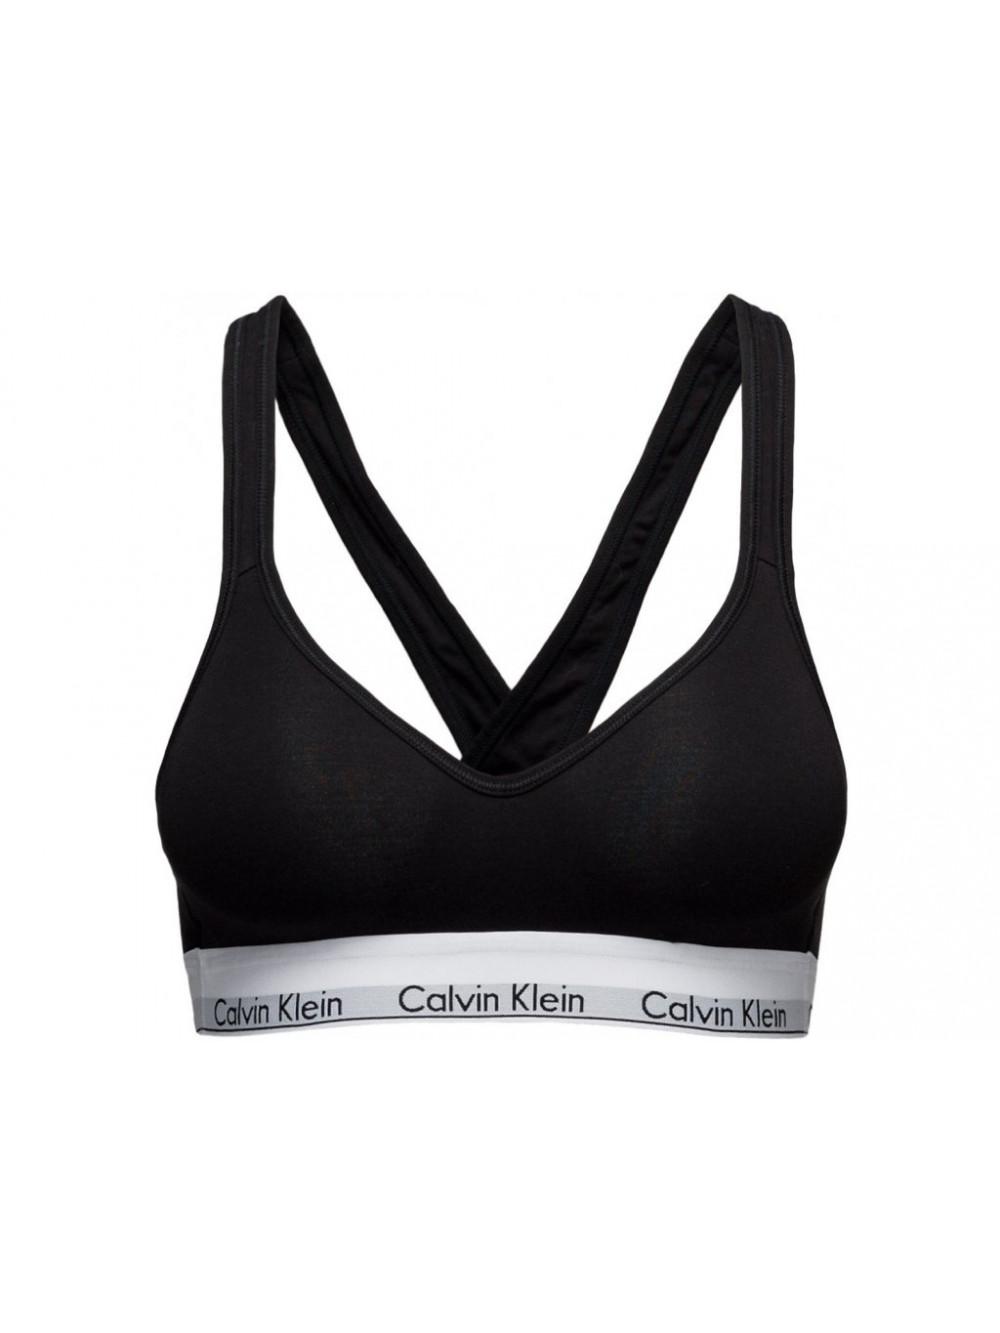 Dámská sportovní podprsenka Calvin Klein Bralette Lift černá